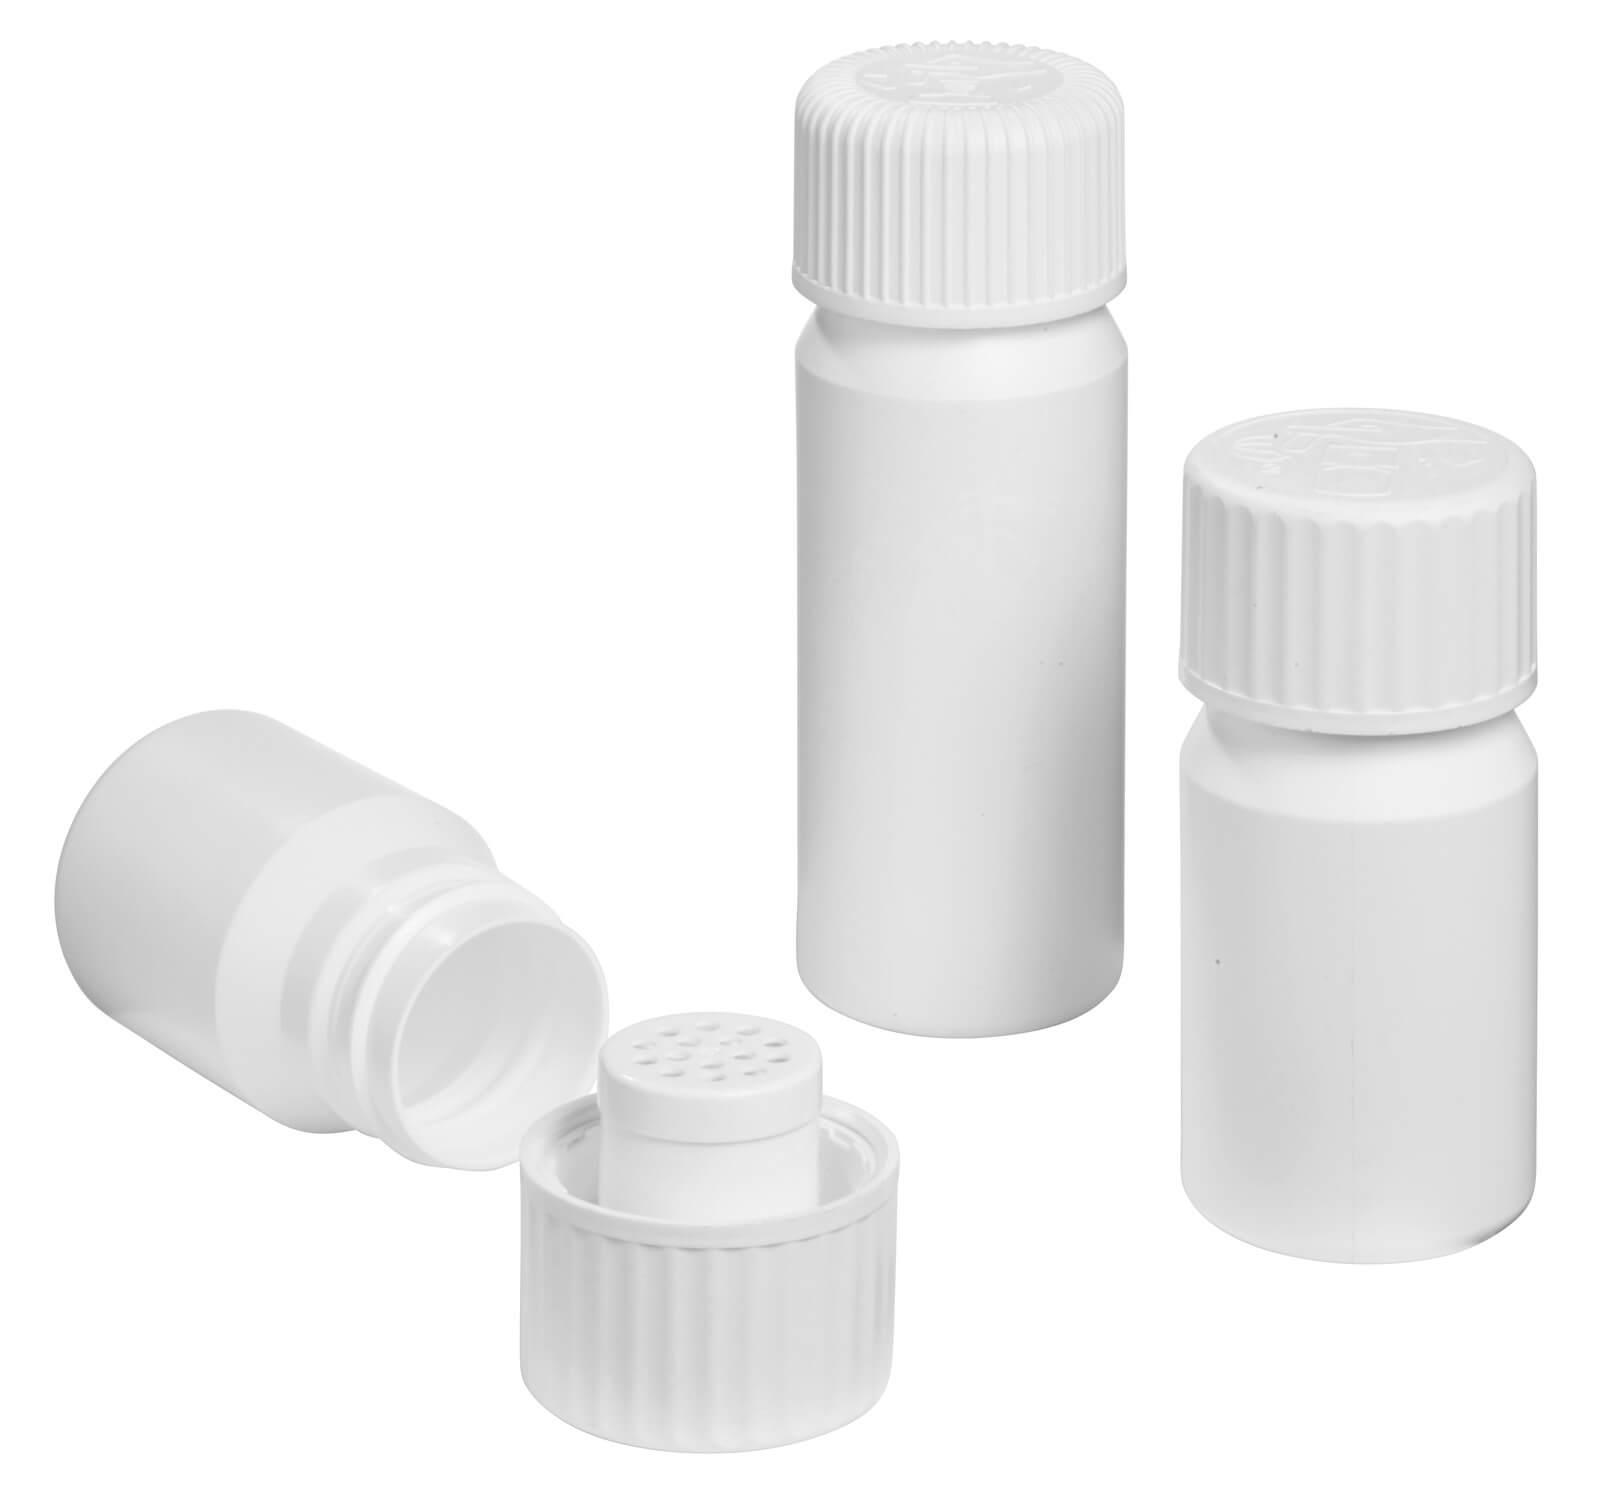 Verschiedene Pharmaverpackungen